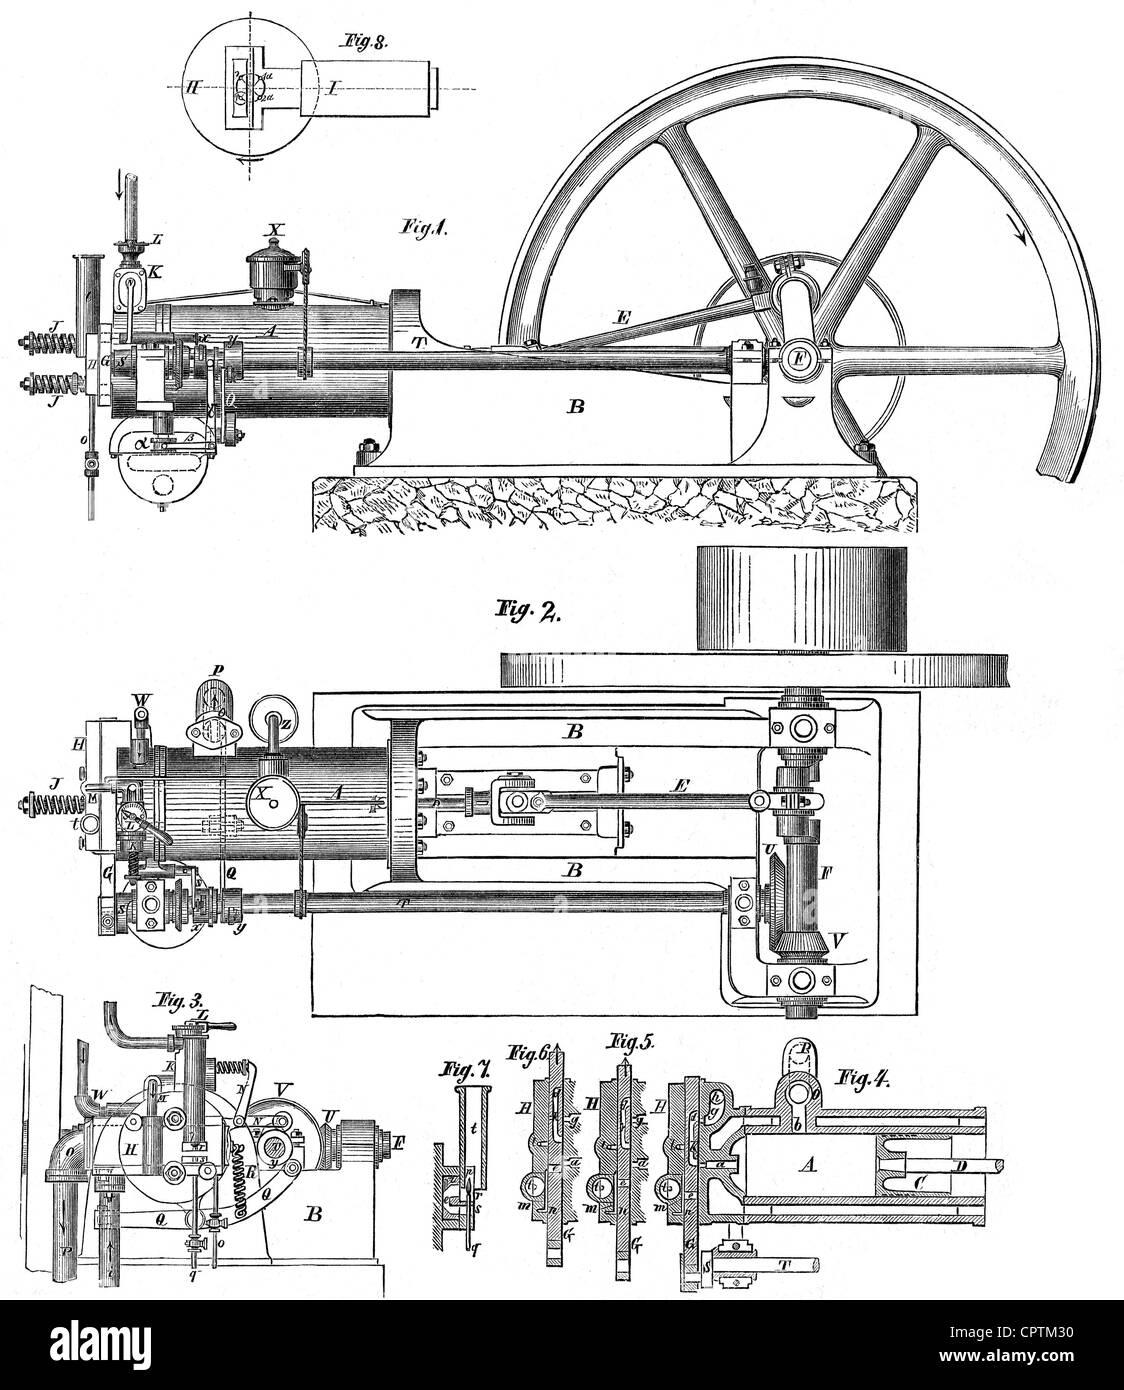 hight resolution of otto nicolaus august 14 6 1832 26 1 1891 german engineer